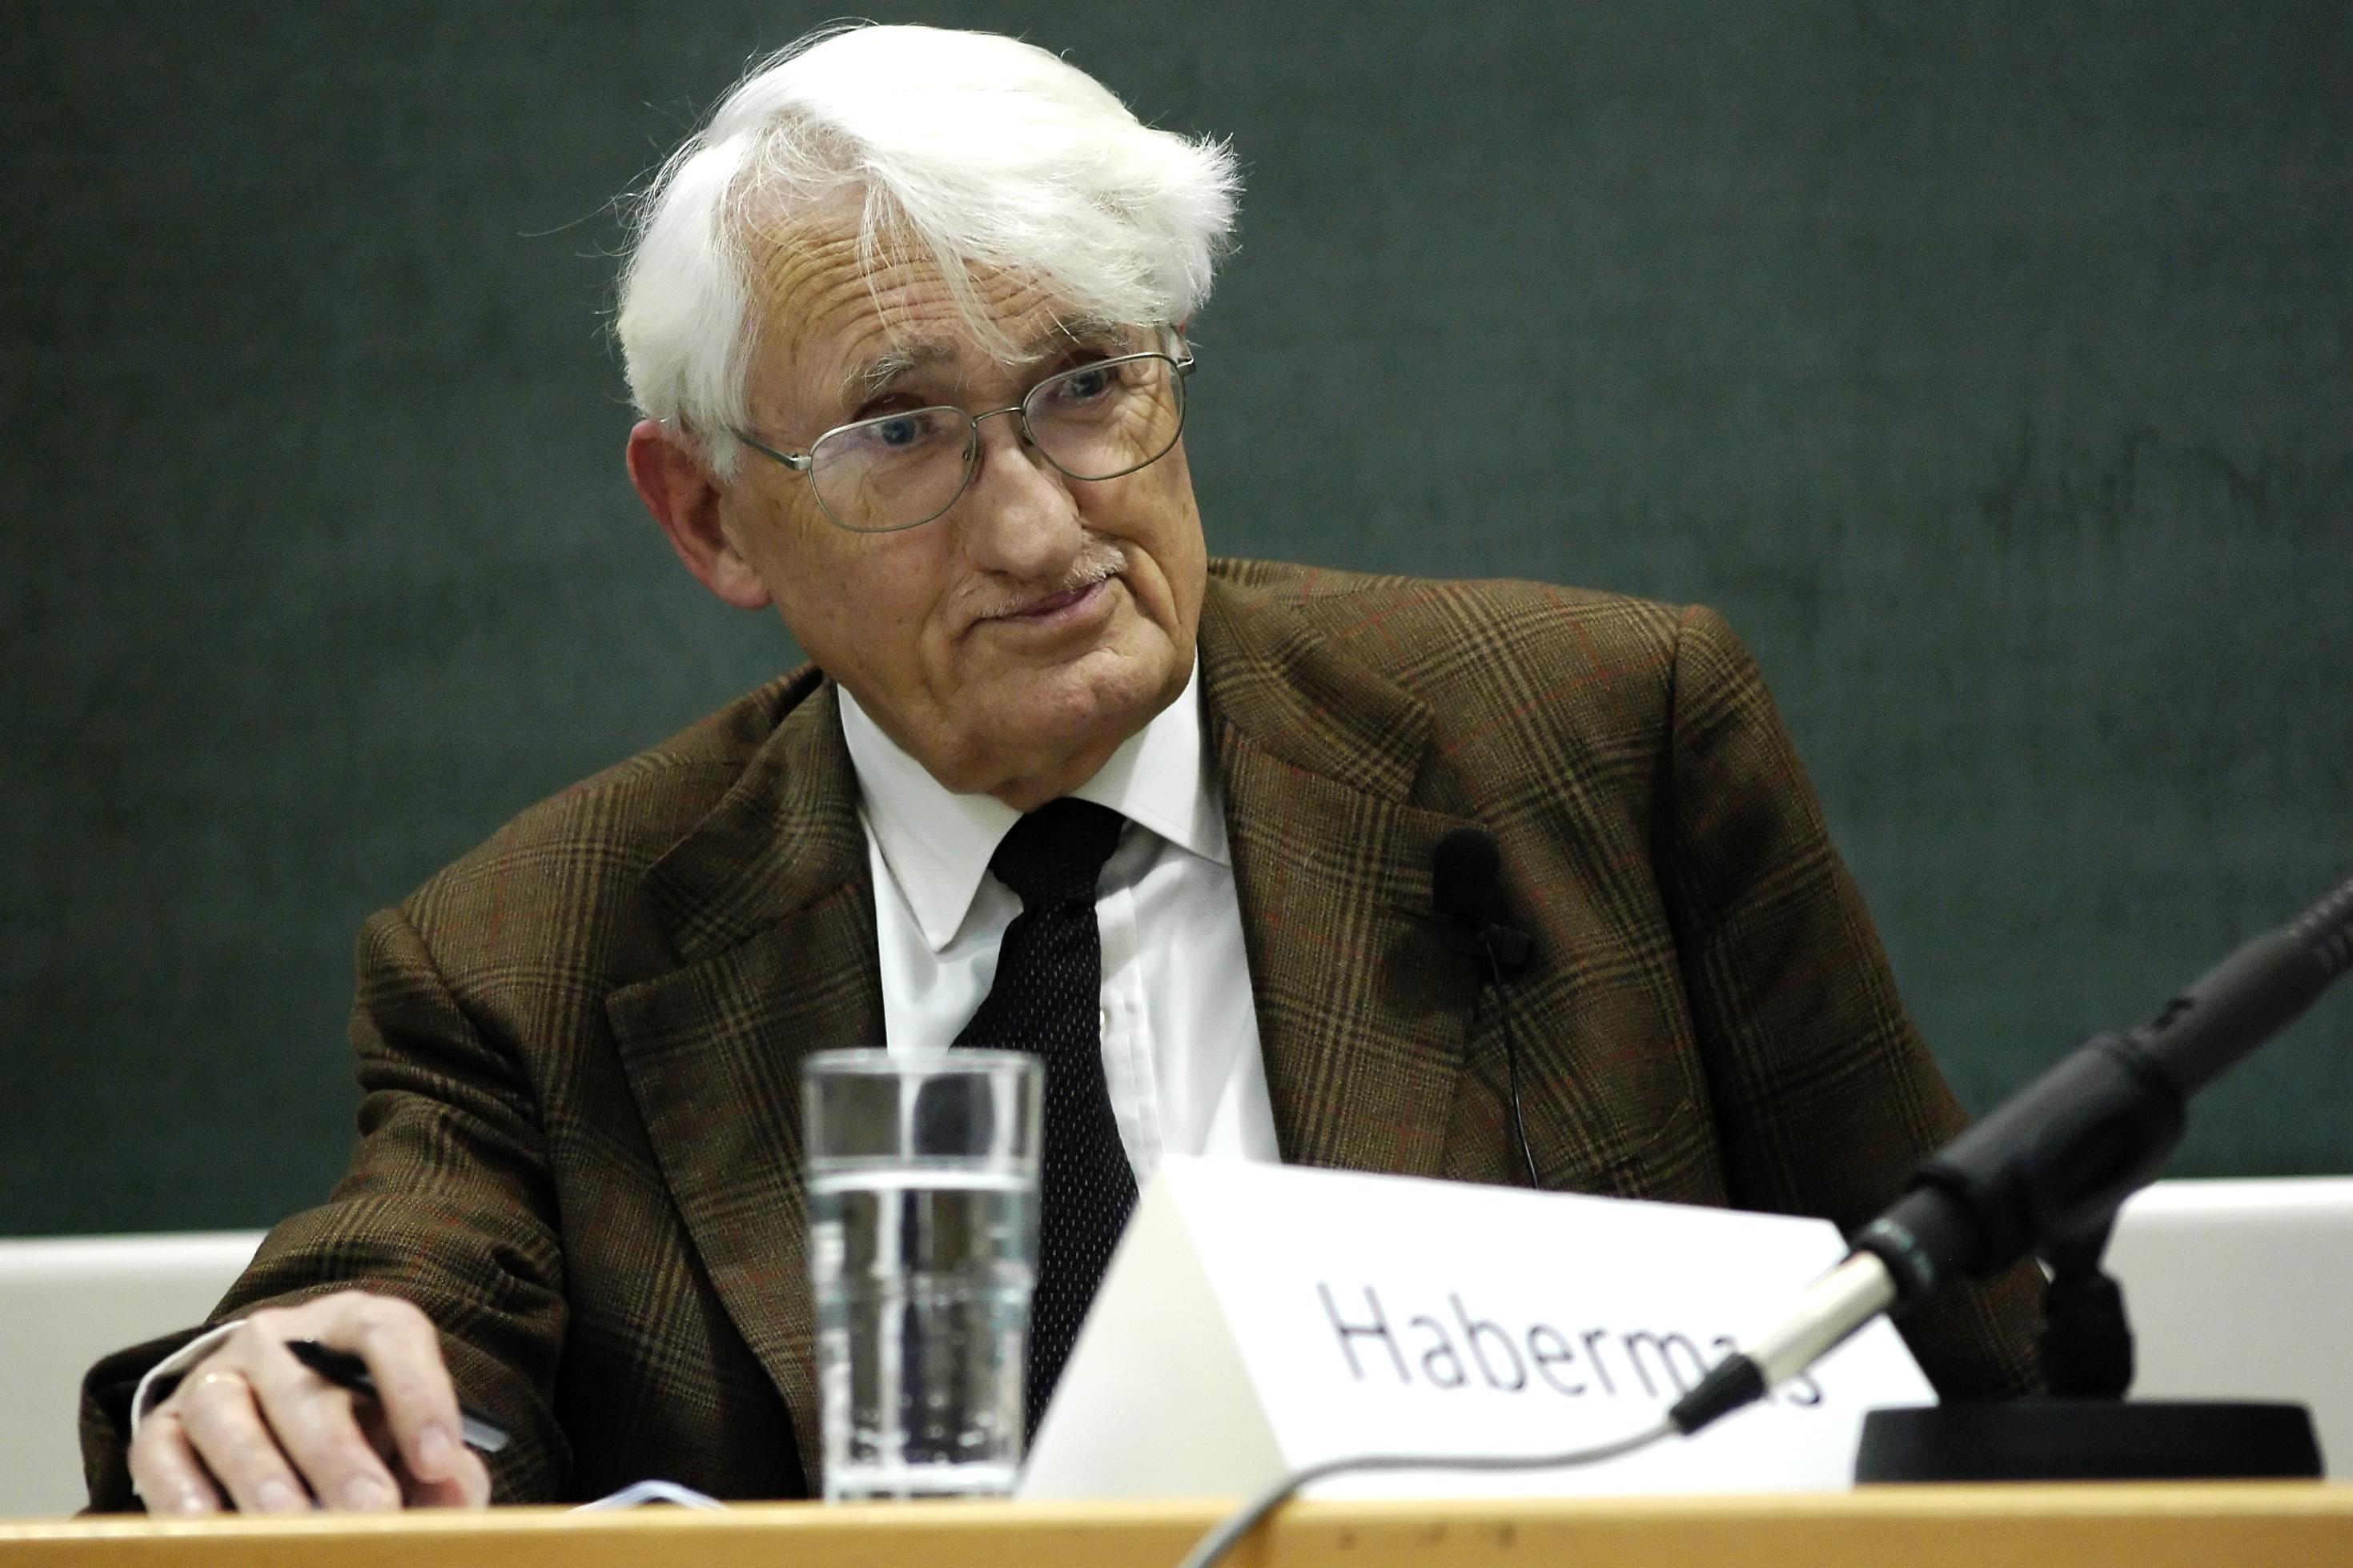 Berühmt und berüchtigt: Sonntags in der Mensa – Jürgen Habermas